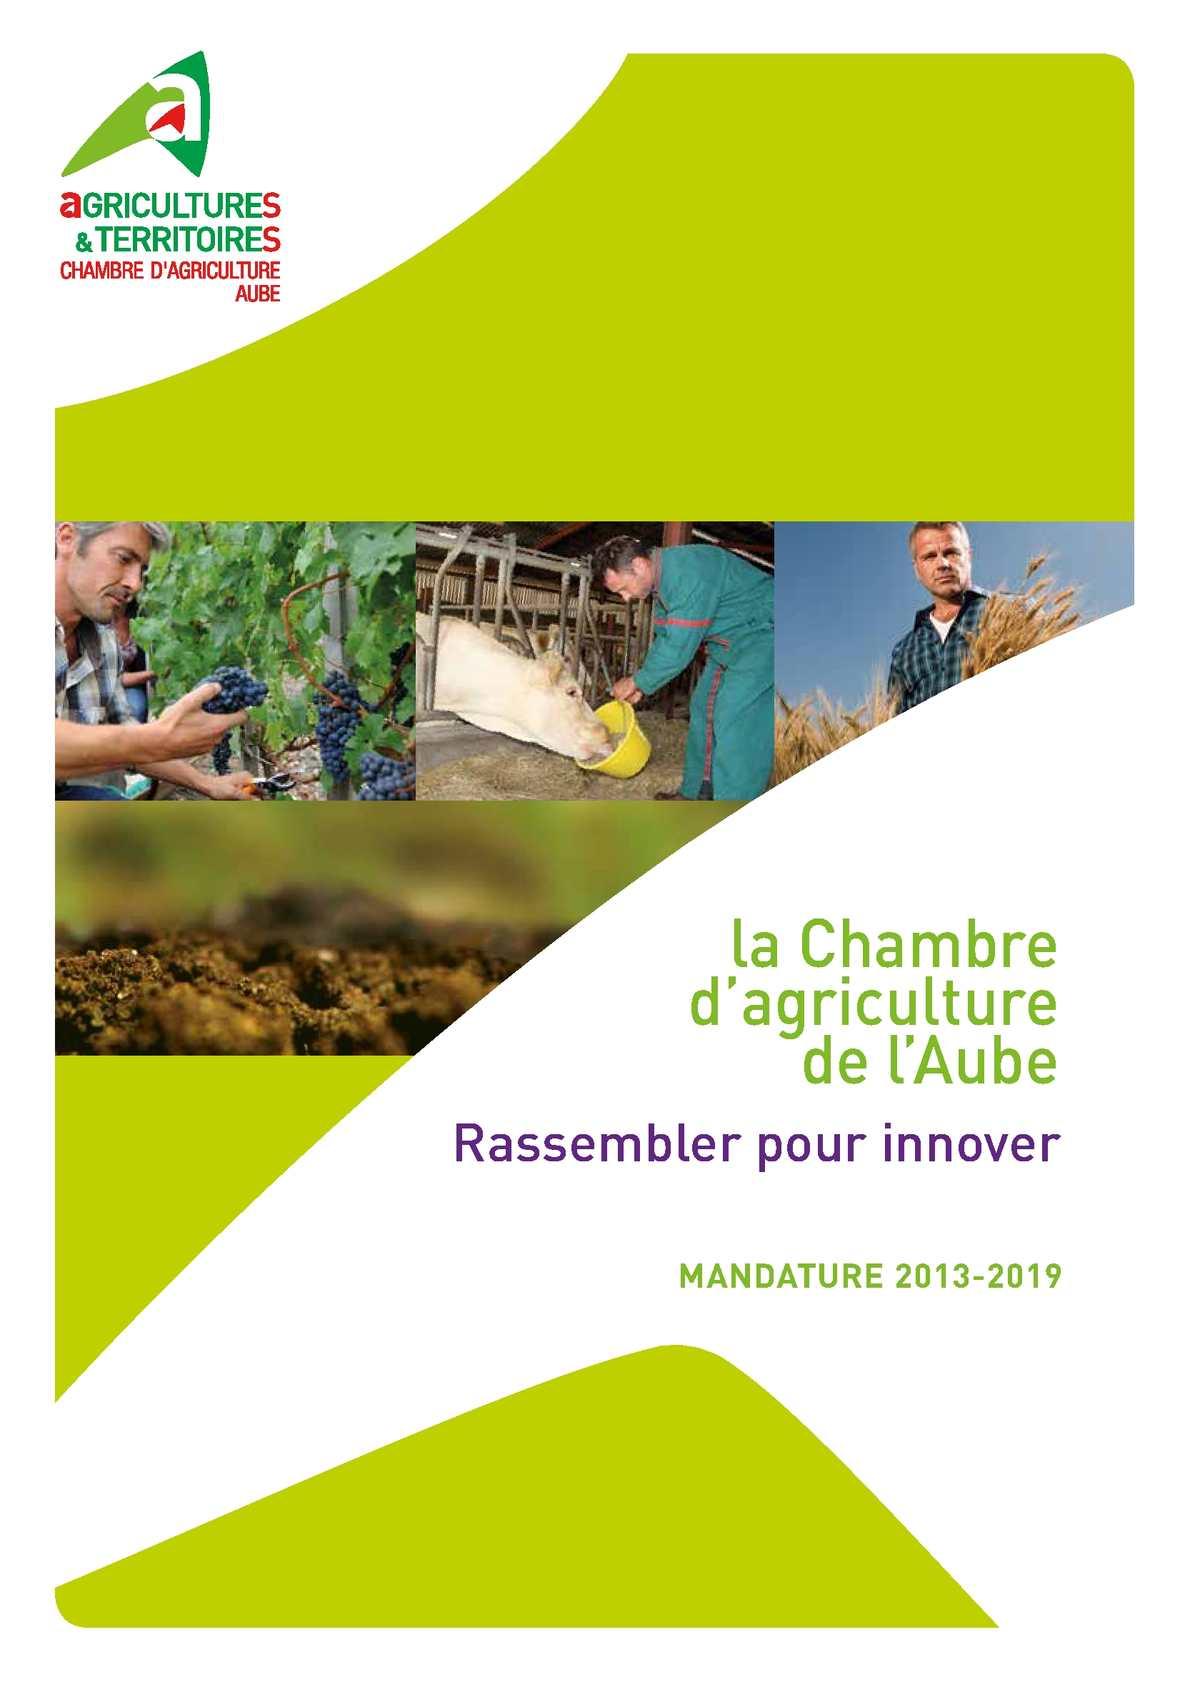 Calaméo La Chambre d agriculture de l Aube Rassembler pour innover